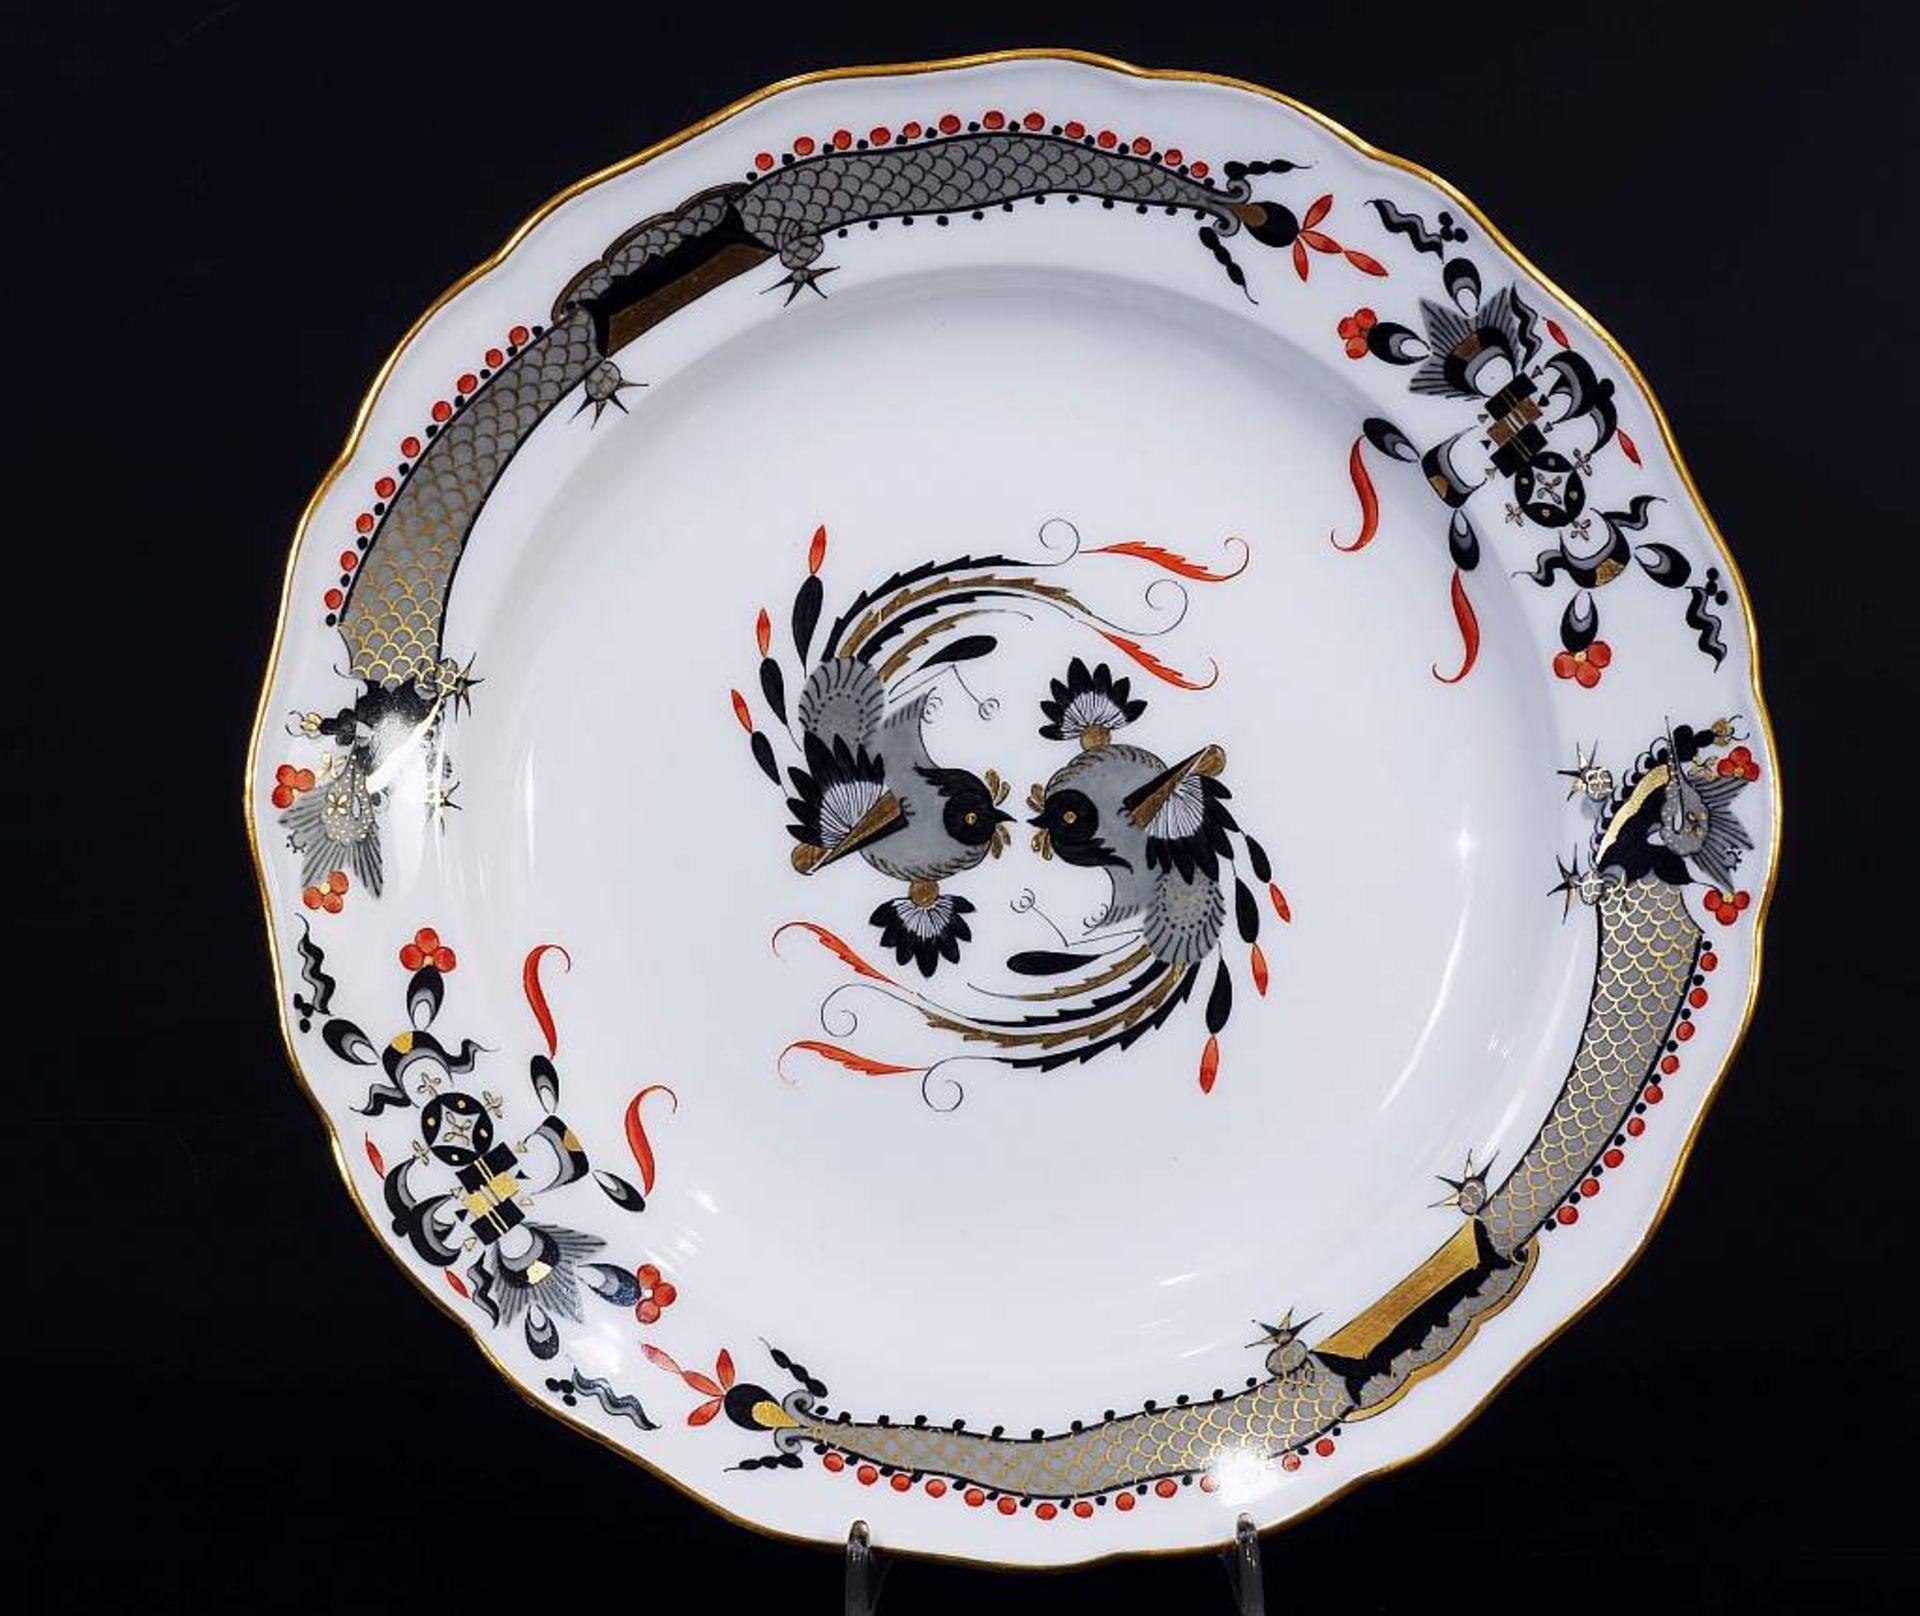 Los 43 - Indisch-Teller. MEISSEN um 1860, 1. Wahl. Indisch-Teller. MEISSEN um 1860, 1. Wahl. Camaieumalerei